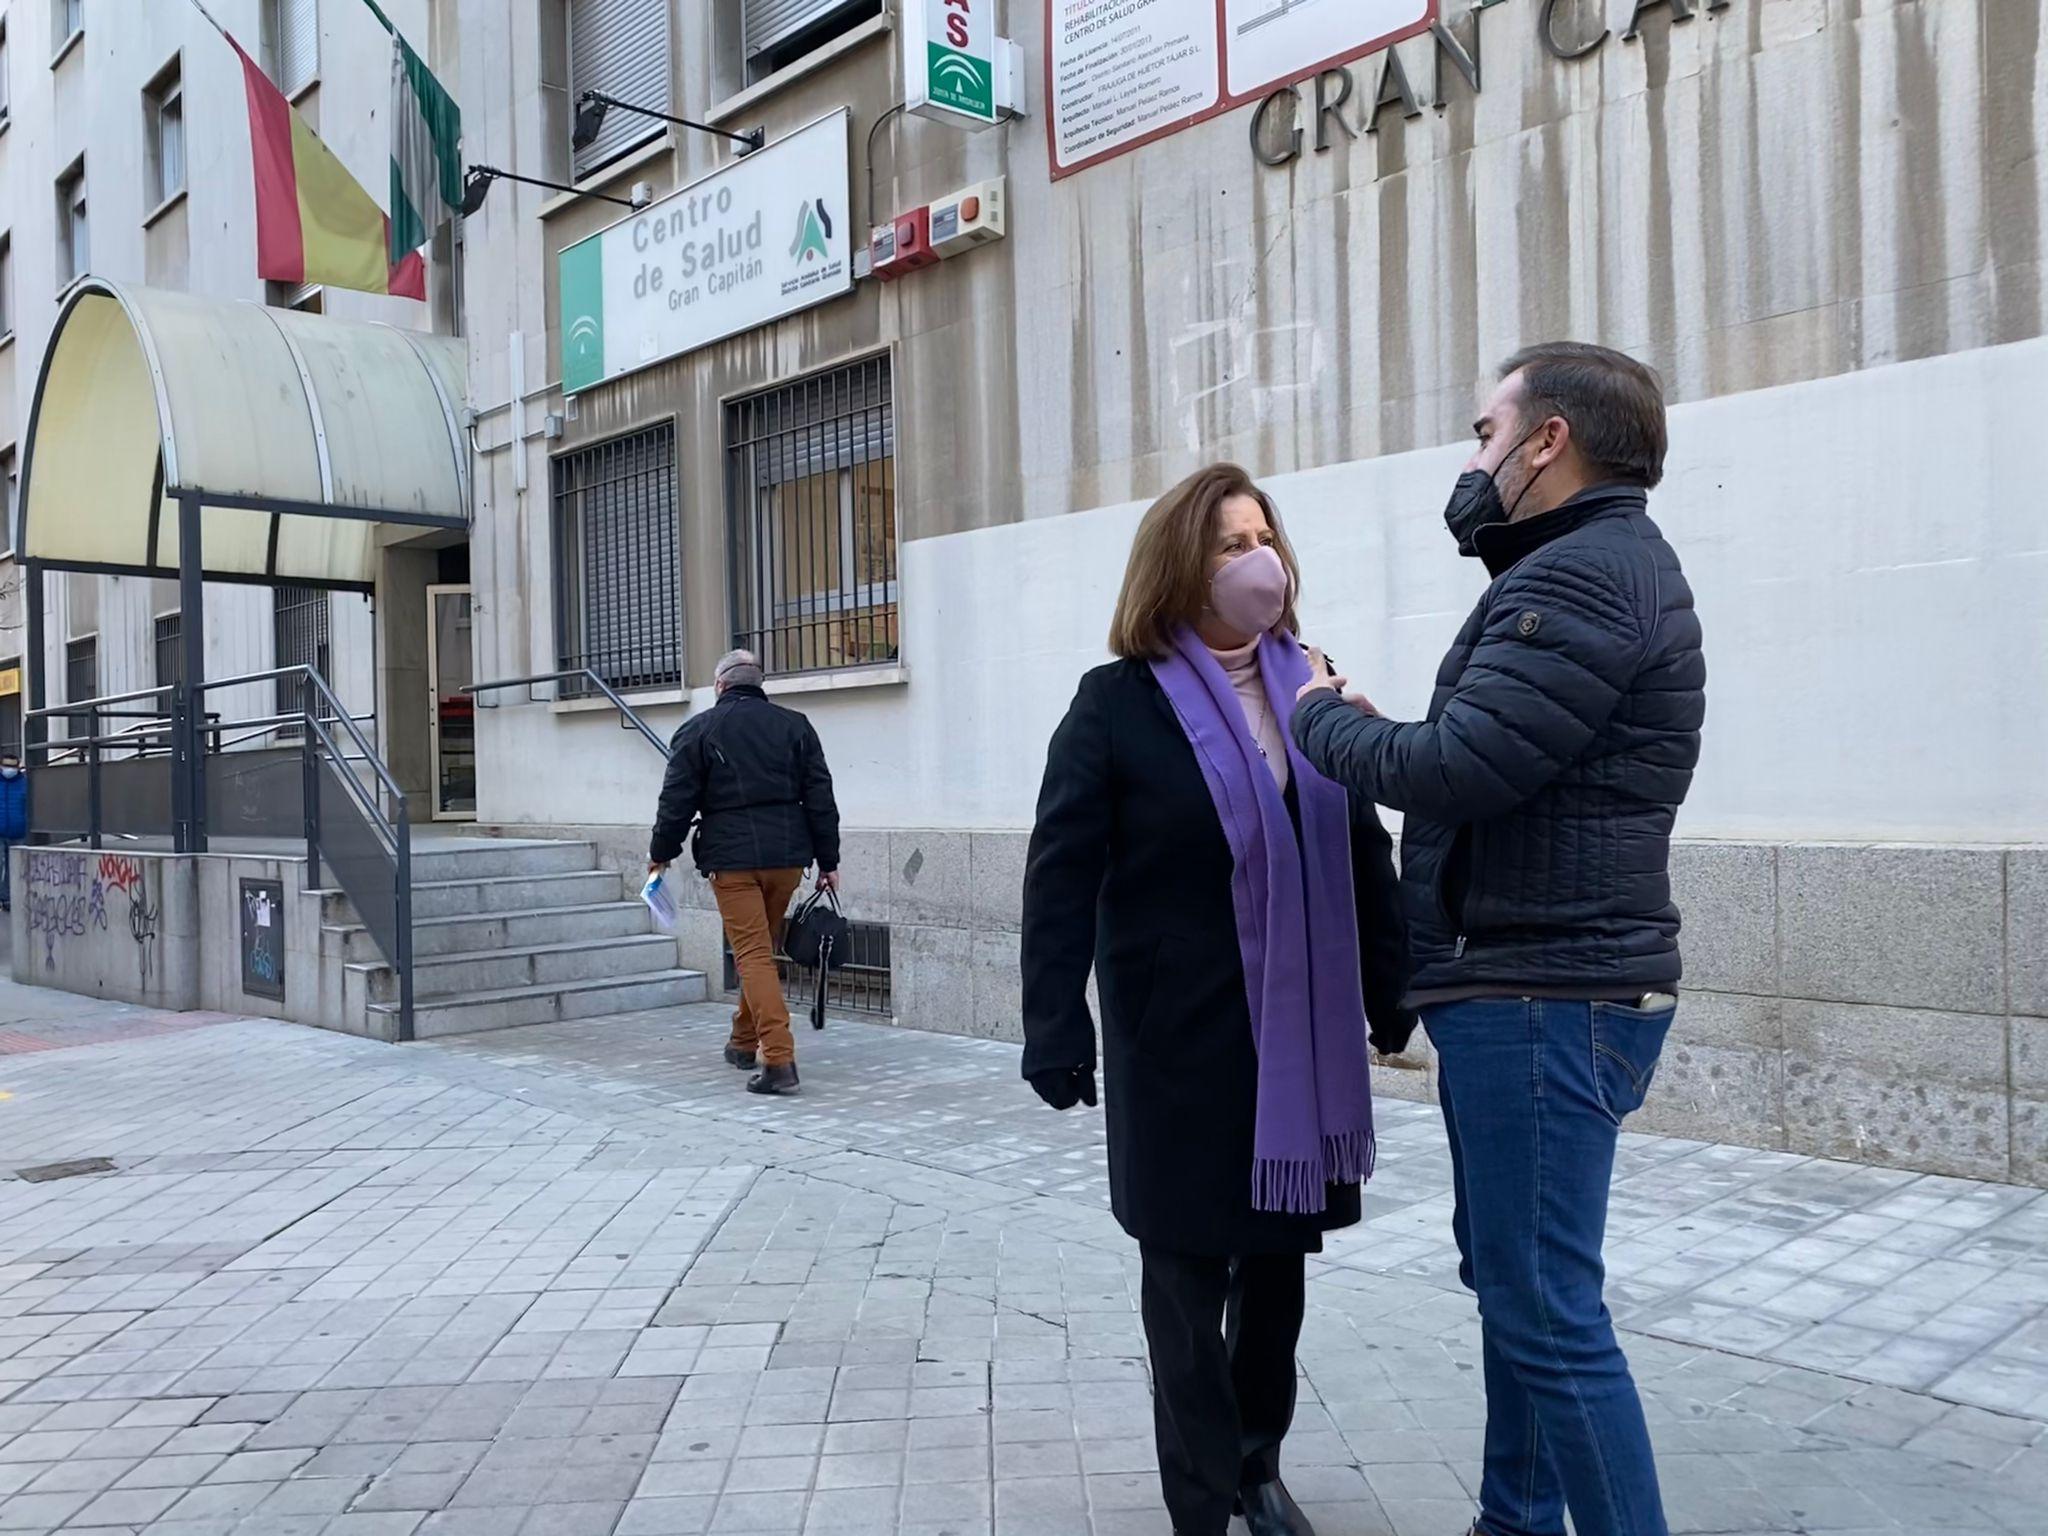 El PSOE exige a la Junta más sanitarios para afrontar la vacunación con garantías